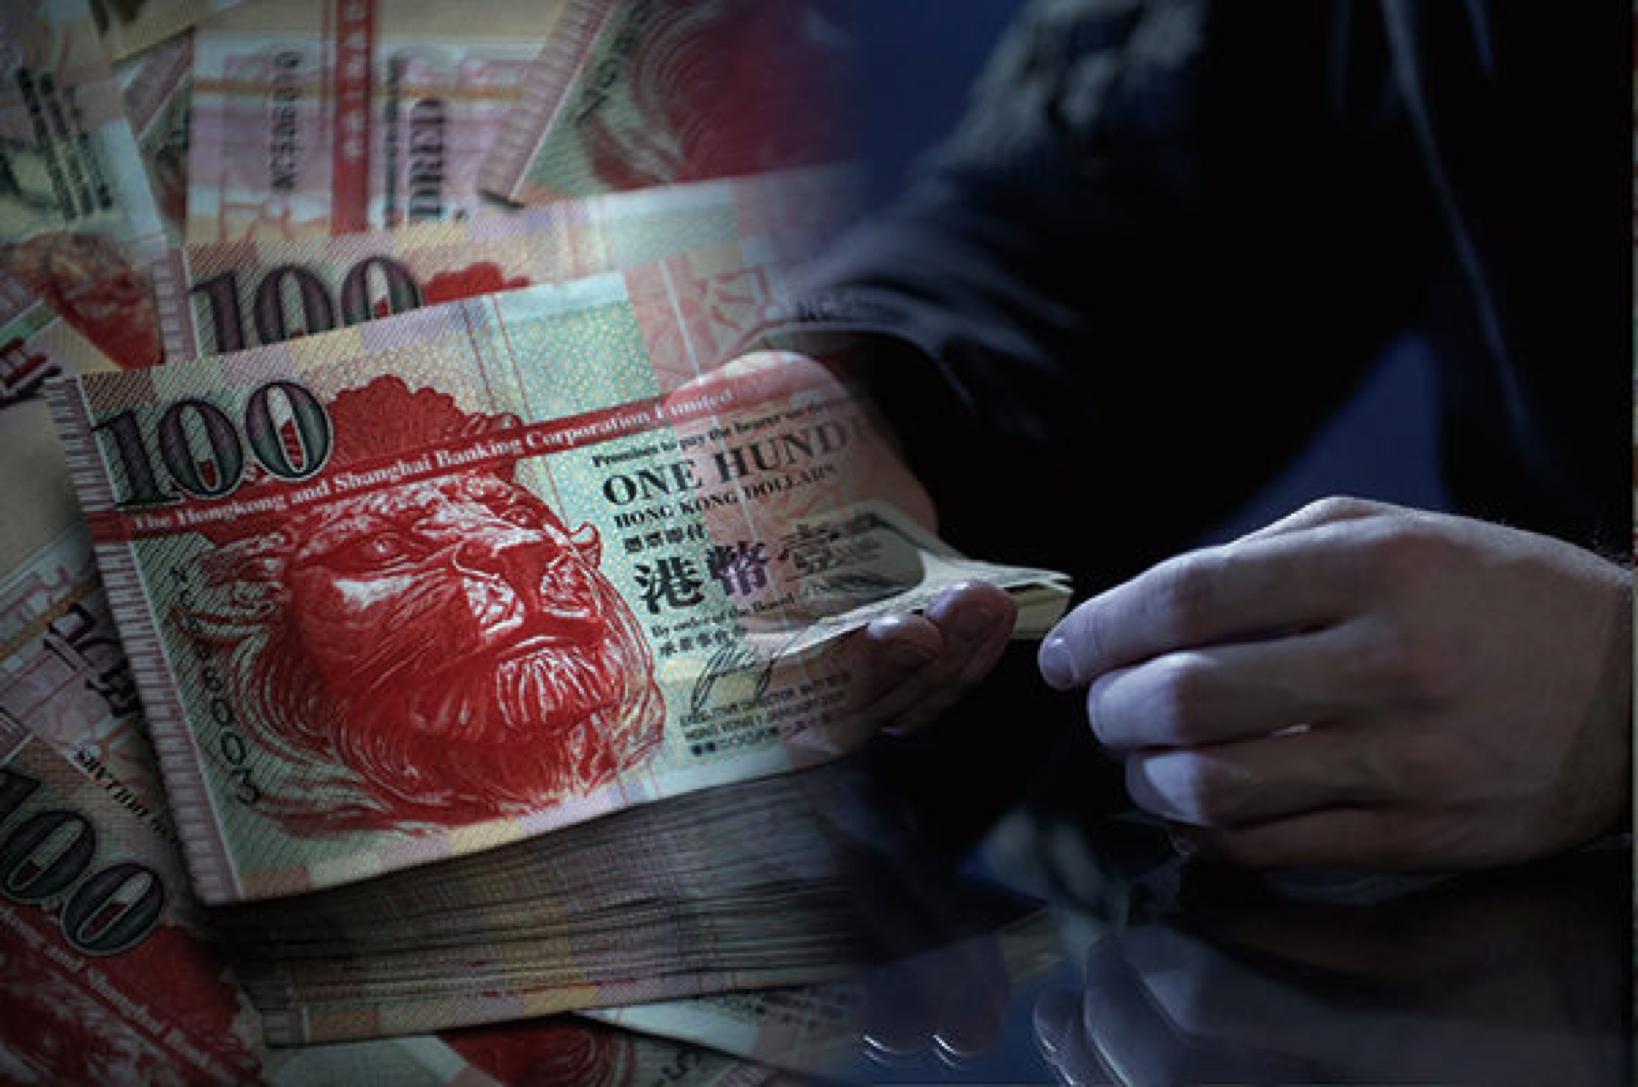 1月20日,七名香港現或曾任銀行職員被警方拘捕,他們涉嫌洗黑錢,金額達63億港元。(大紀元合成圖)